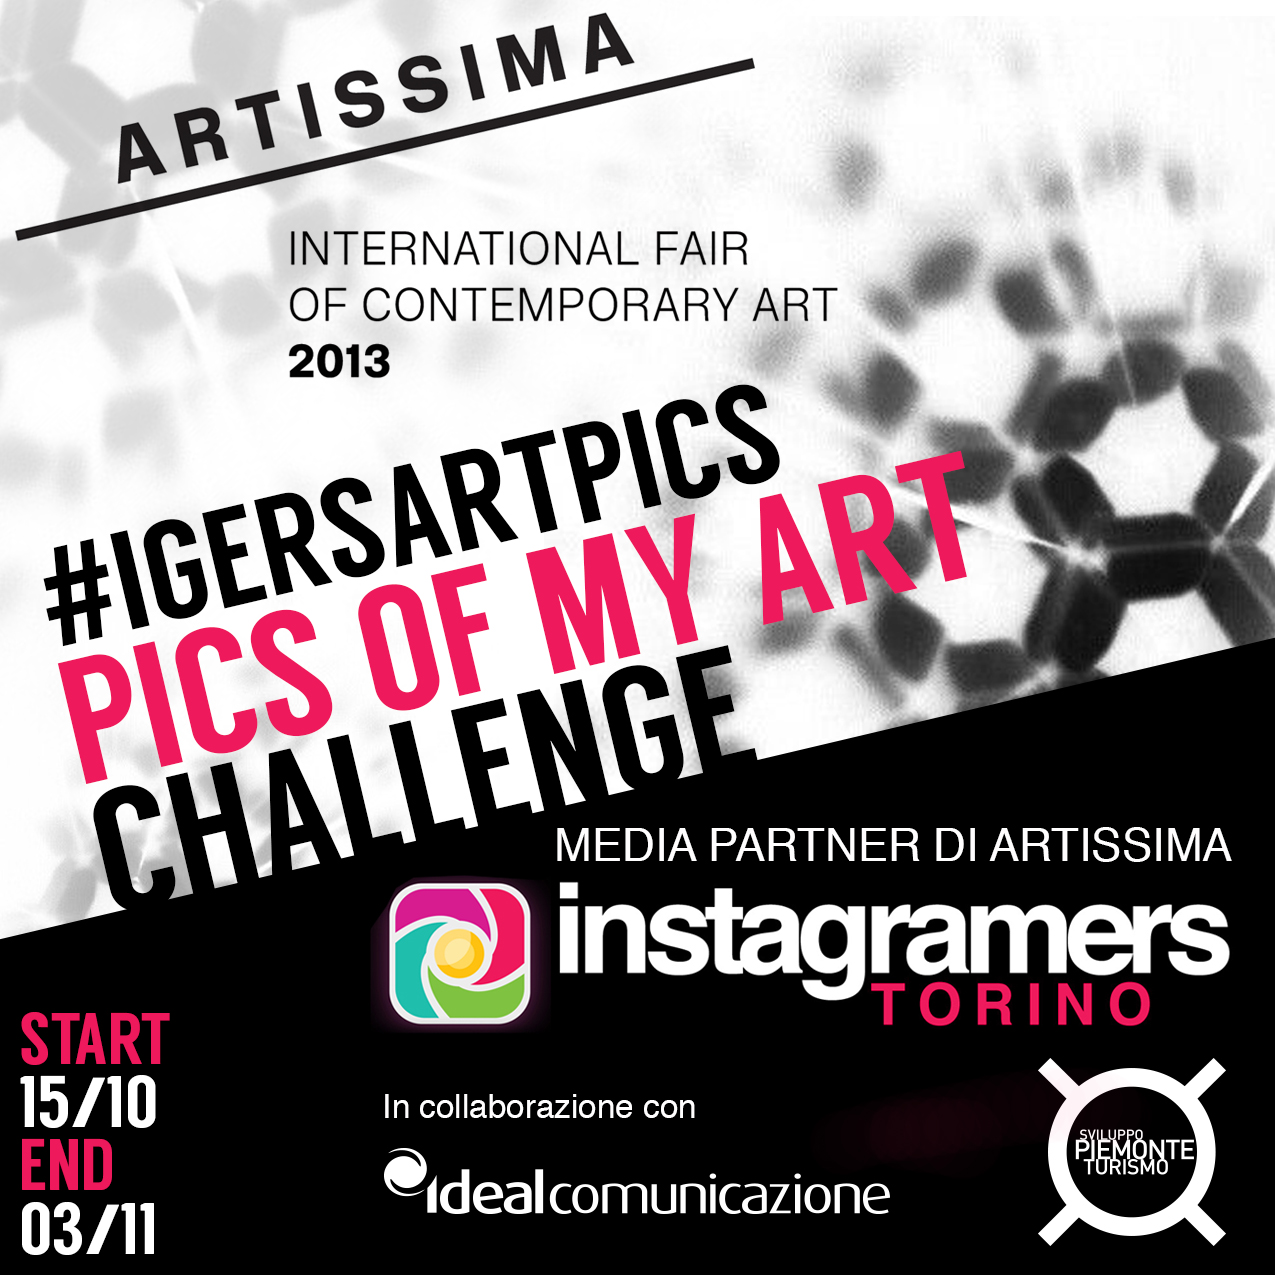 Pics of my Art, il nuovo Challenge Instagramers Torino, media partner di Artissima 2013